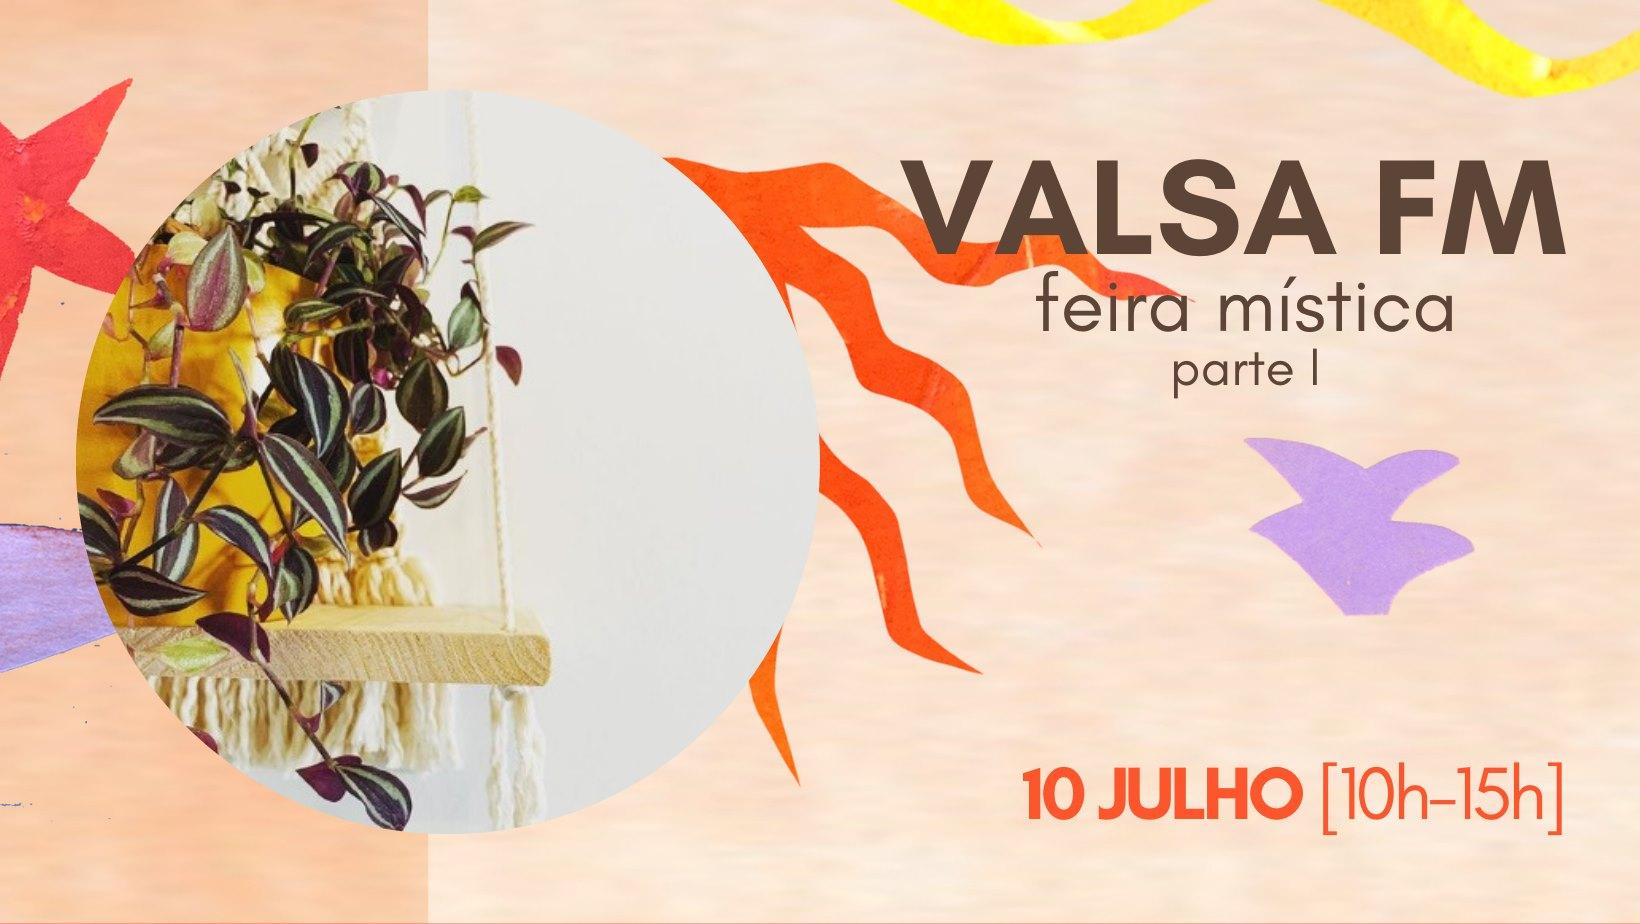 VALSA FM   feira mística - parte I